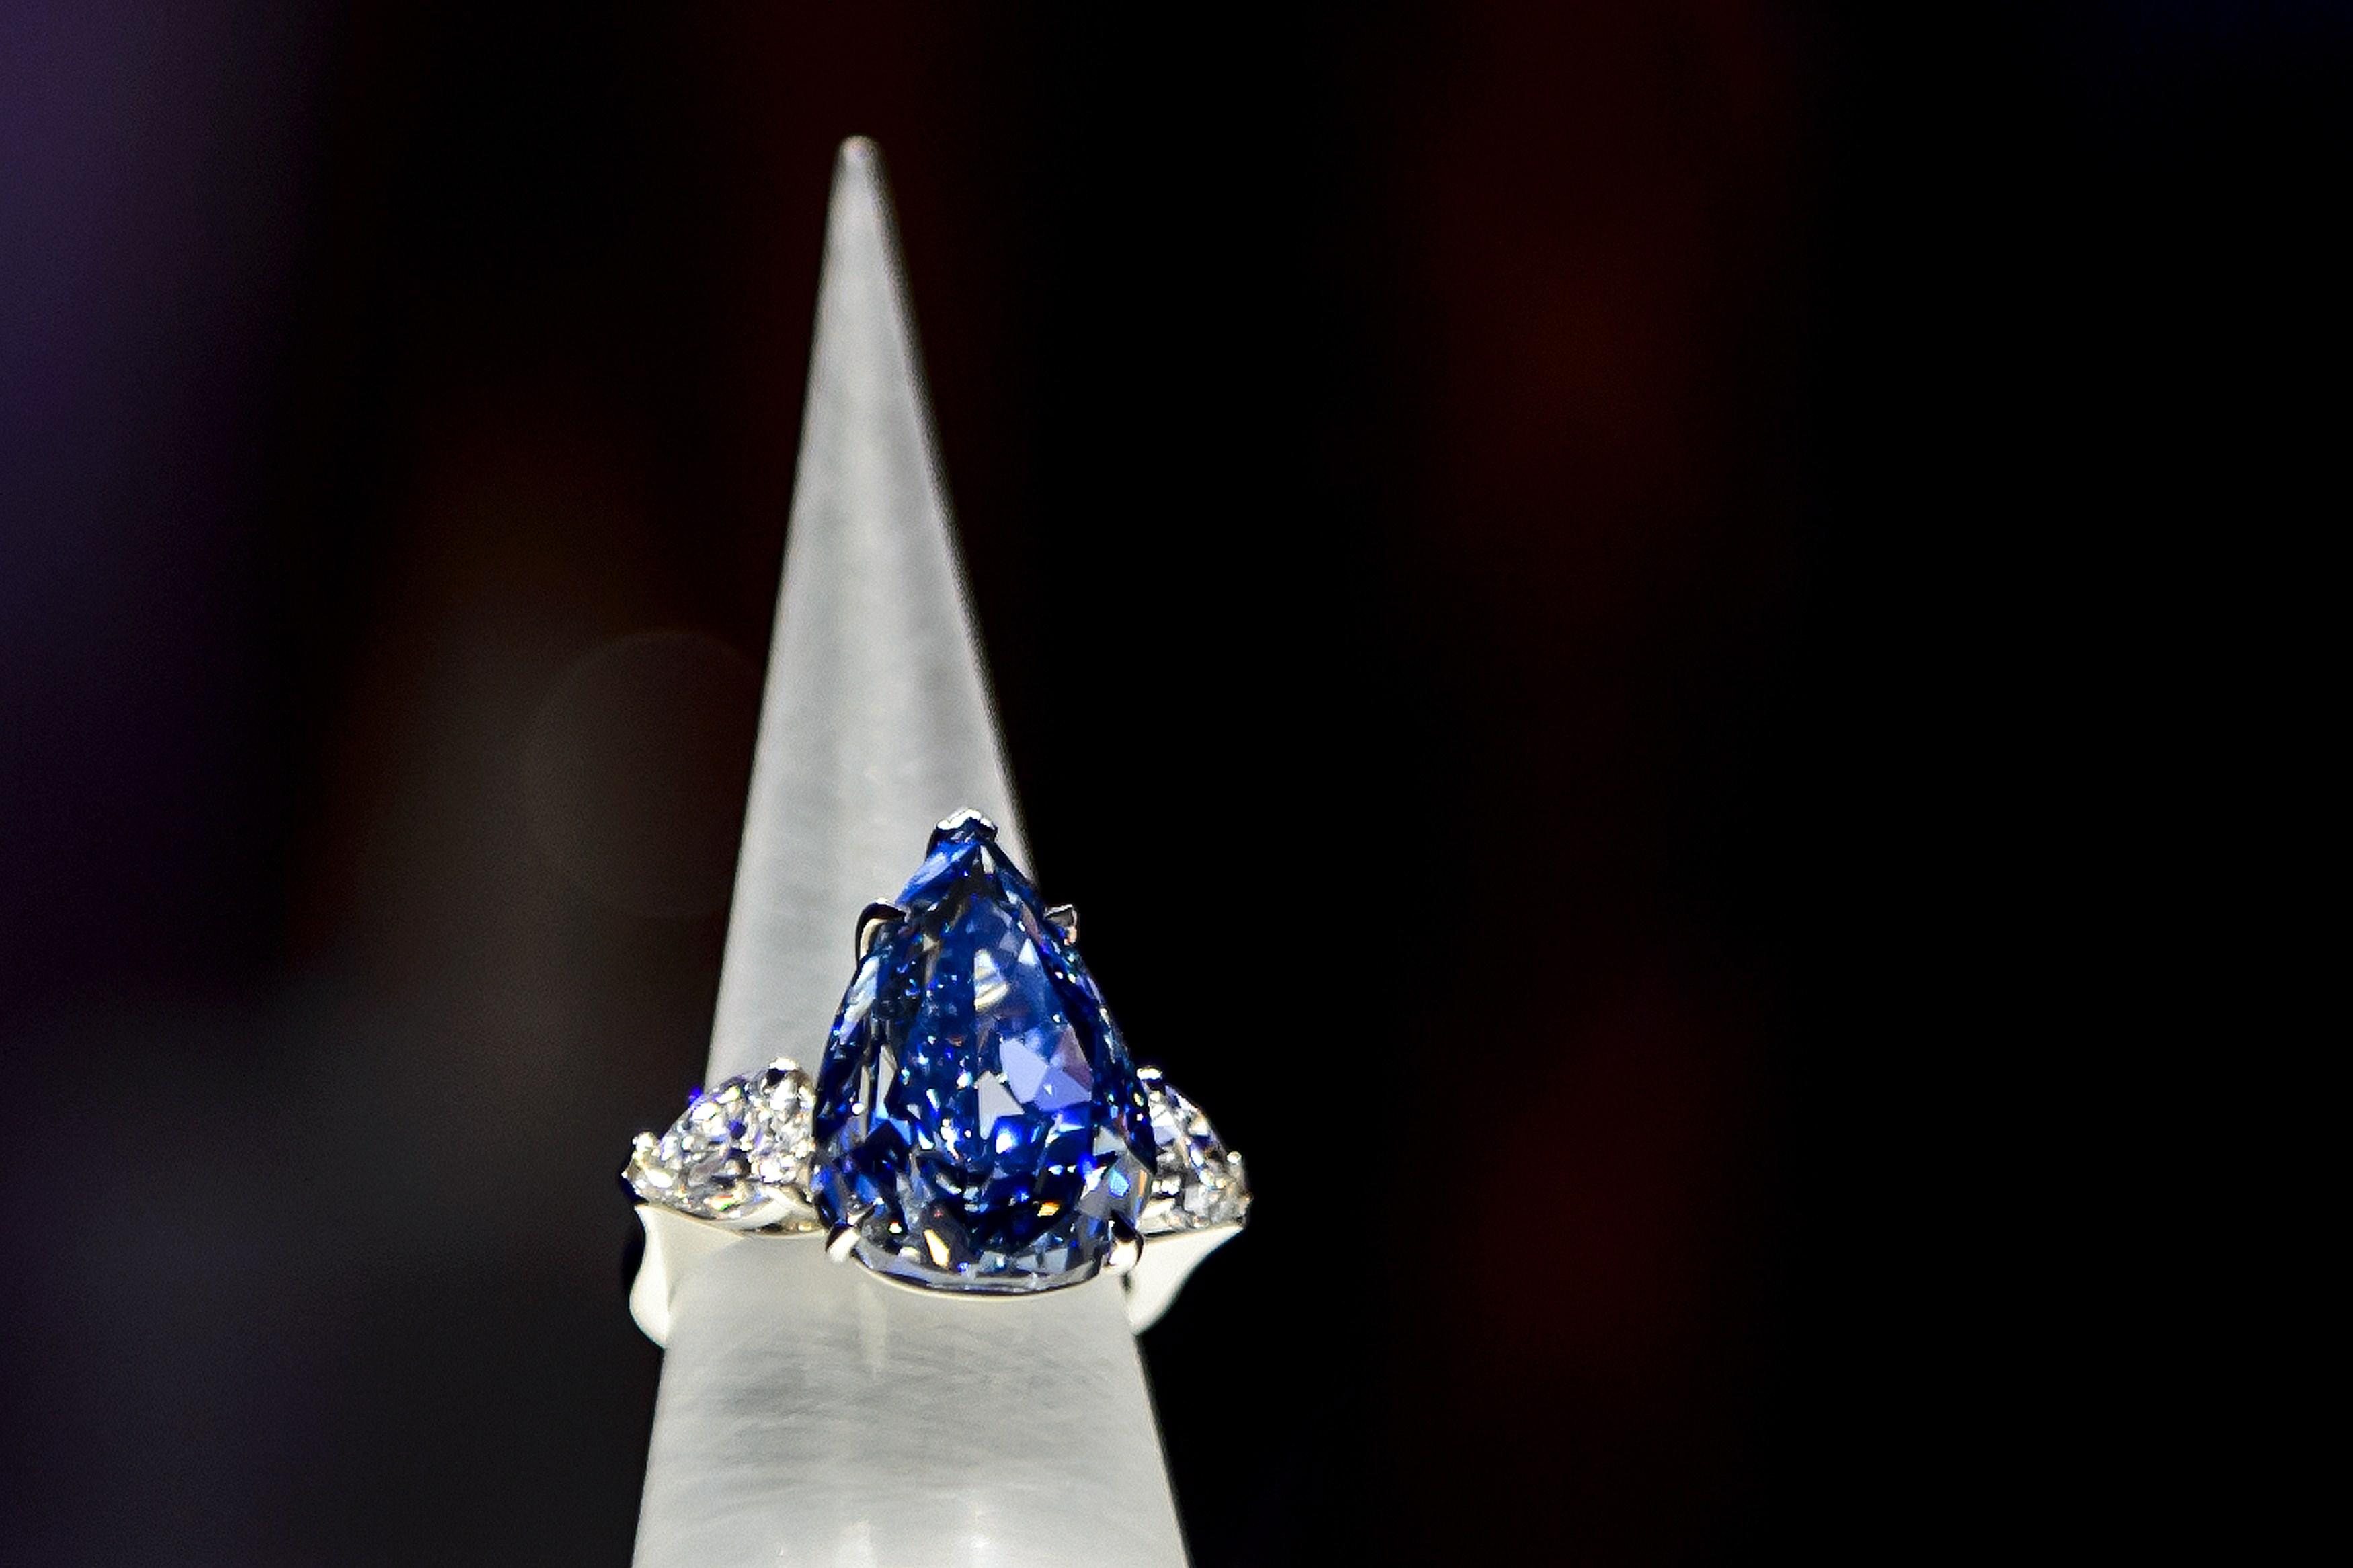 Крупнейший в мире голубой бриллиант весом в 13,22 карата был продан за $23,8 млн на аукционе ювелирных изделий, прошедшем в Женеве, 14 мая, 2014 год. Фото: FABRICE COFFRINI/AFP/Getty Images